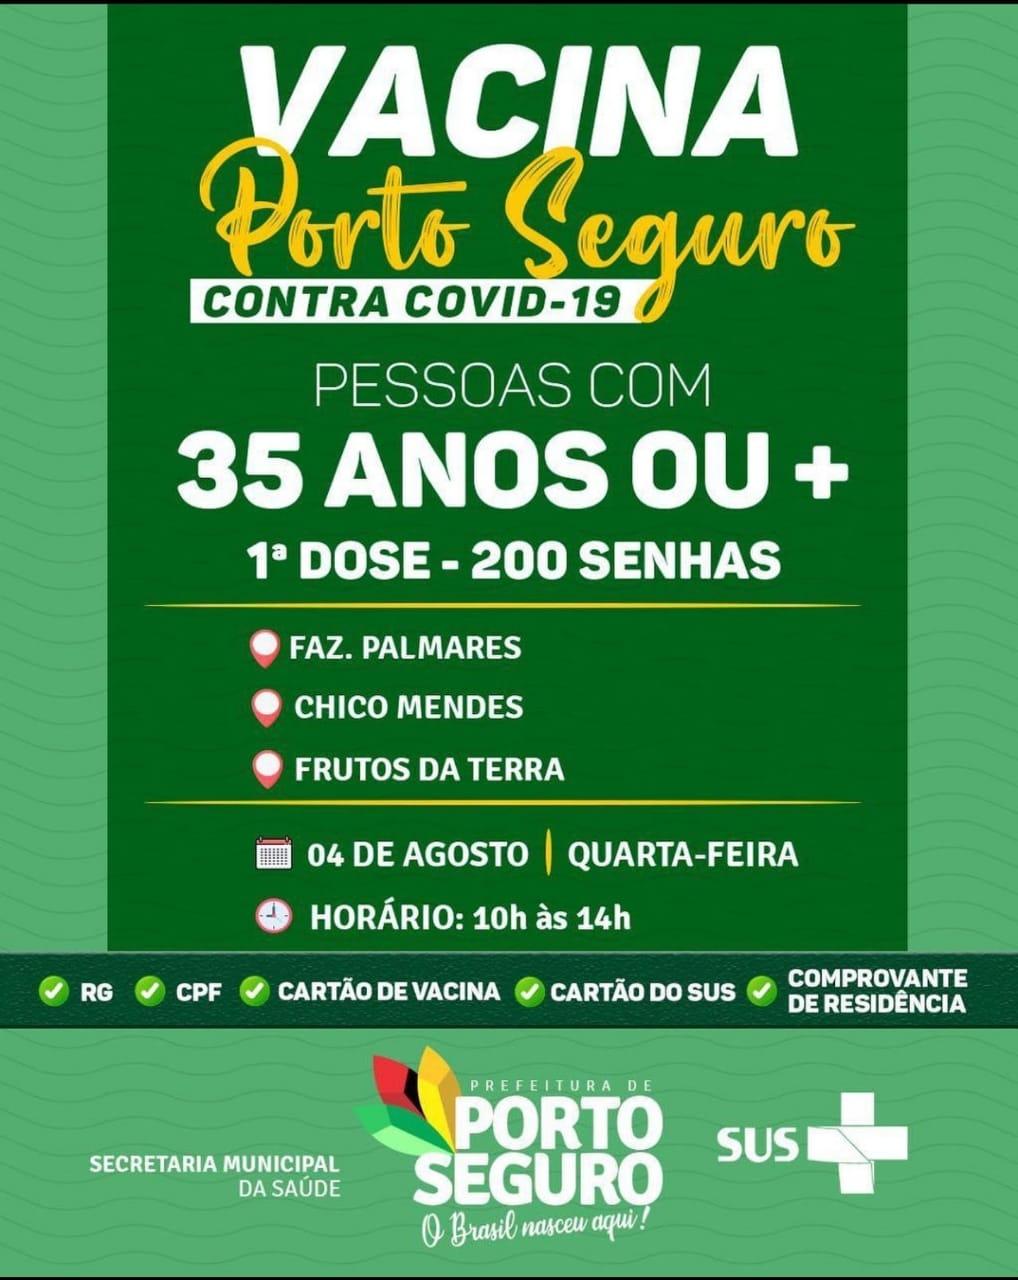 Vacina Porto Seguro contra Covid-19; cronograma de vacinação de 02 a 04 de Agosto 39